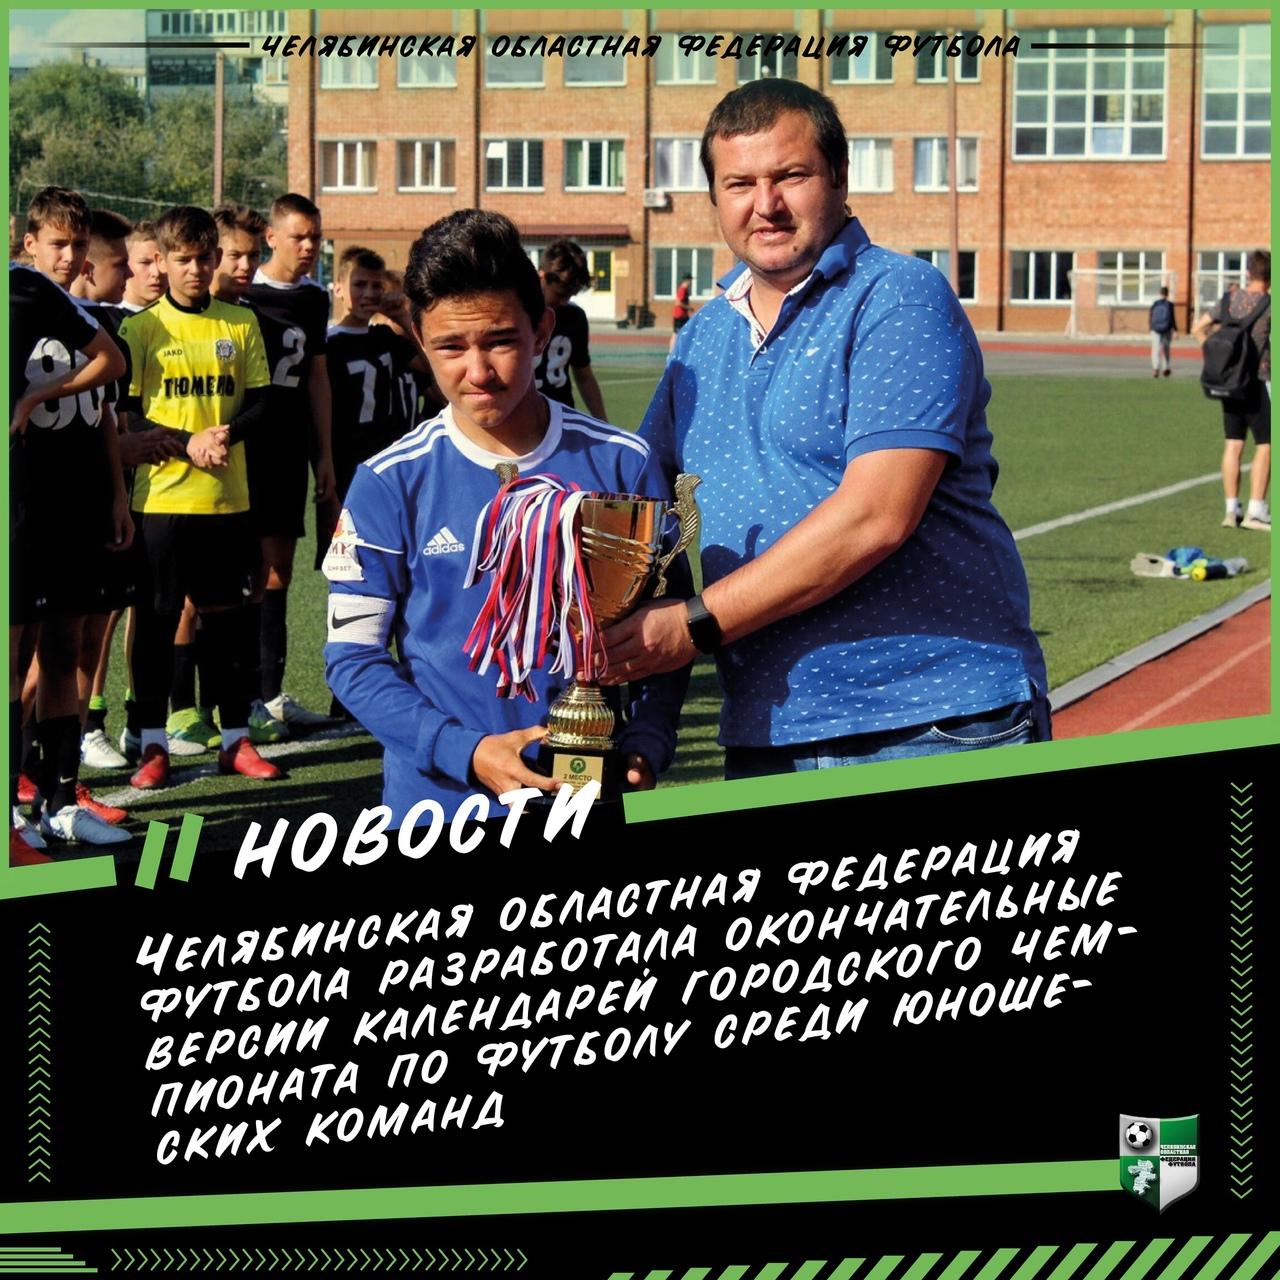 Дмитрий Люкшин